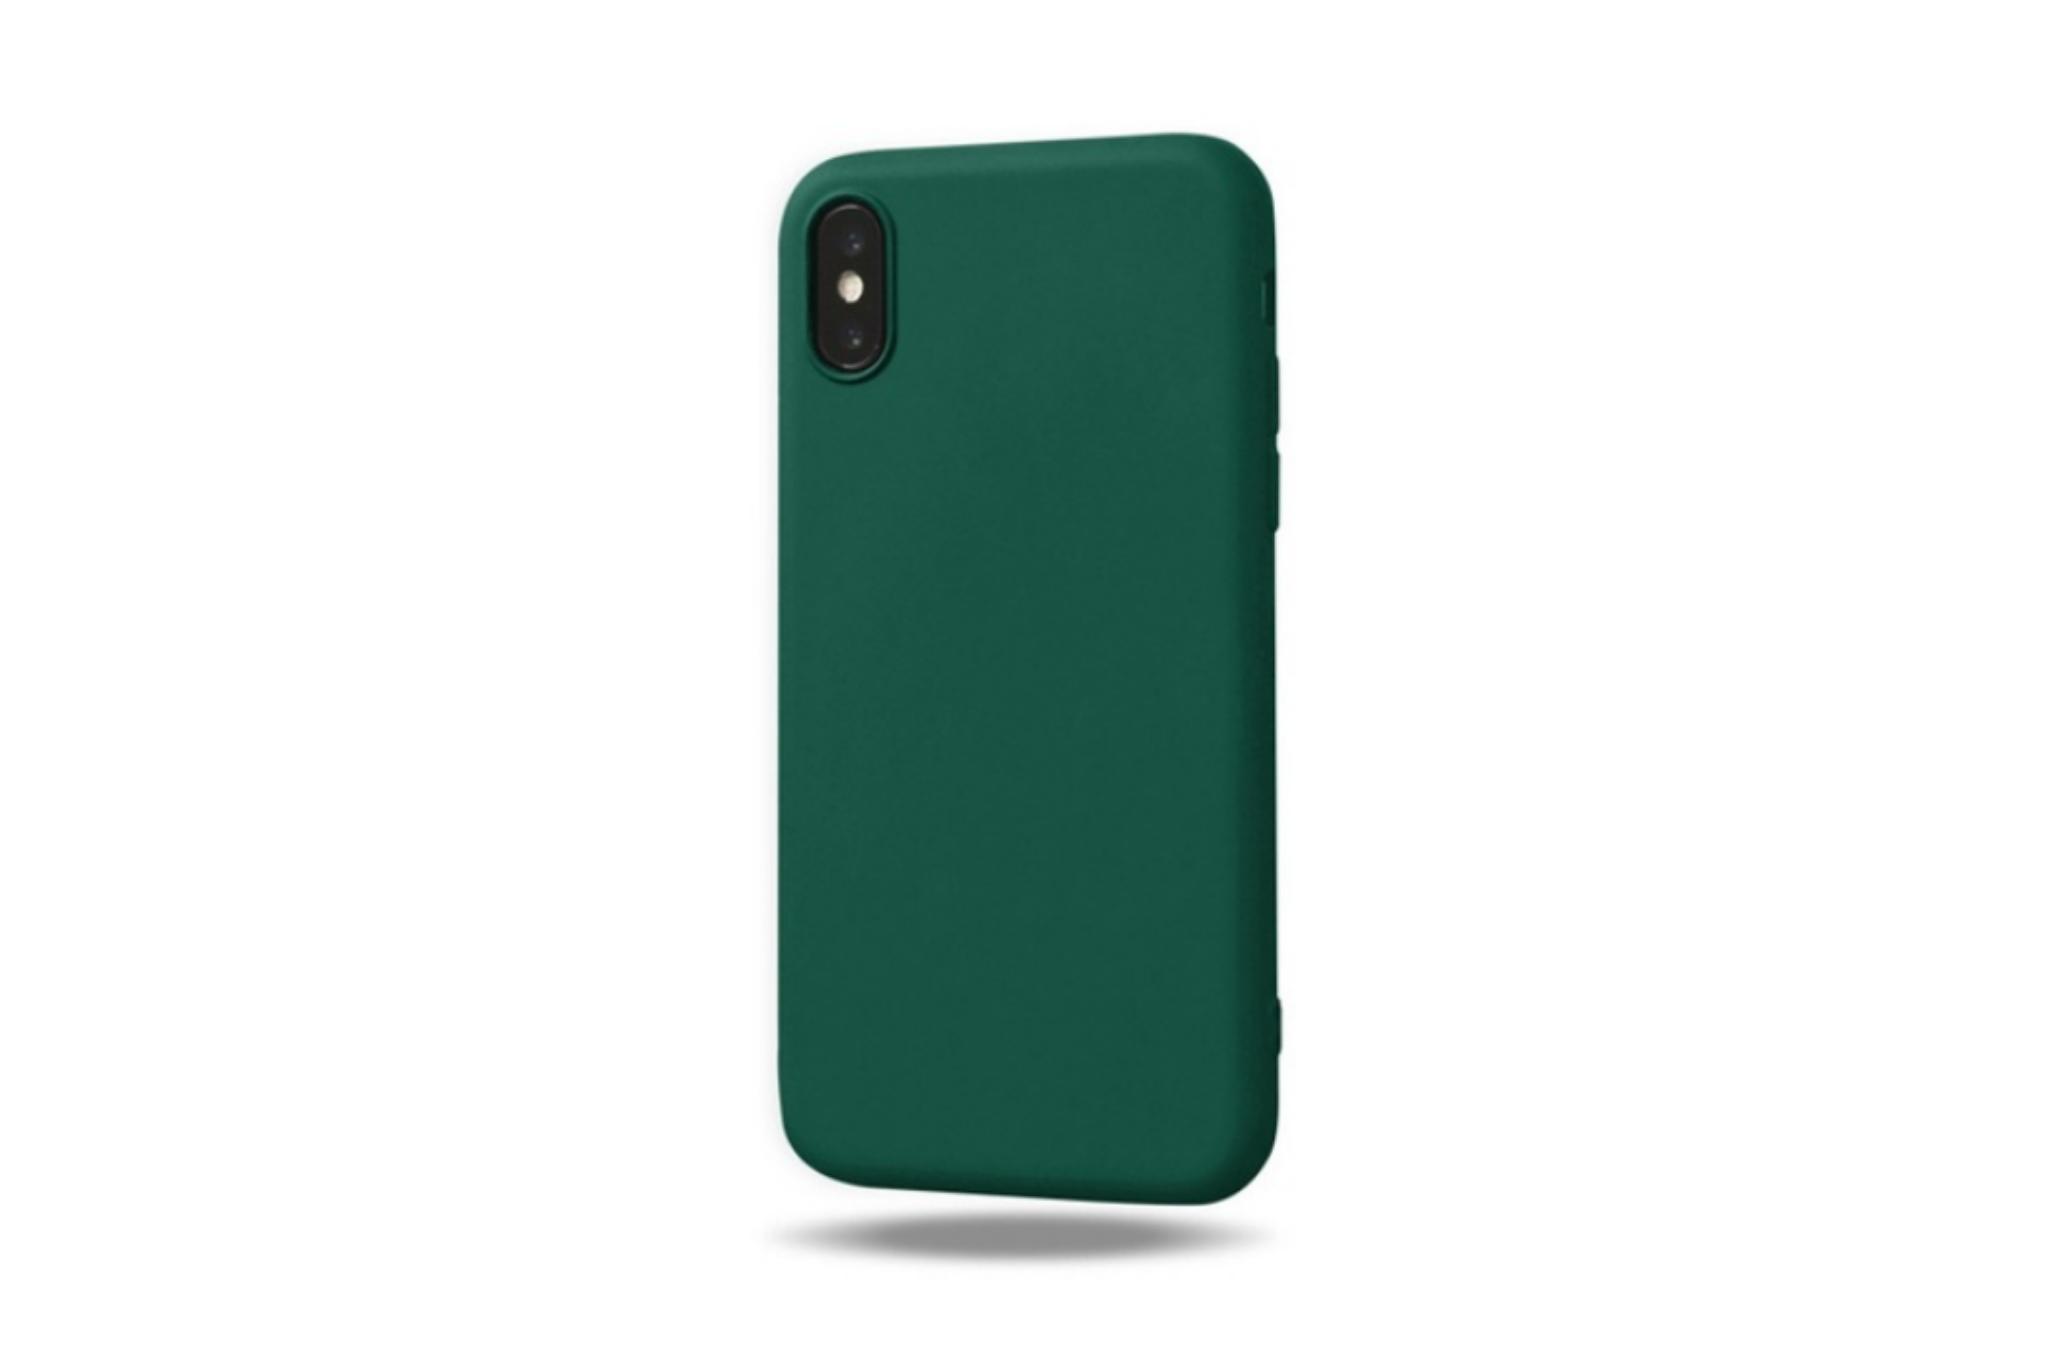 Smartphonehoesje iPhone 11 pro | Groen